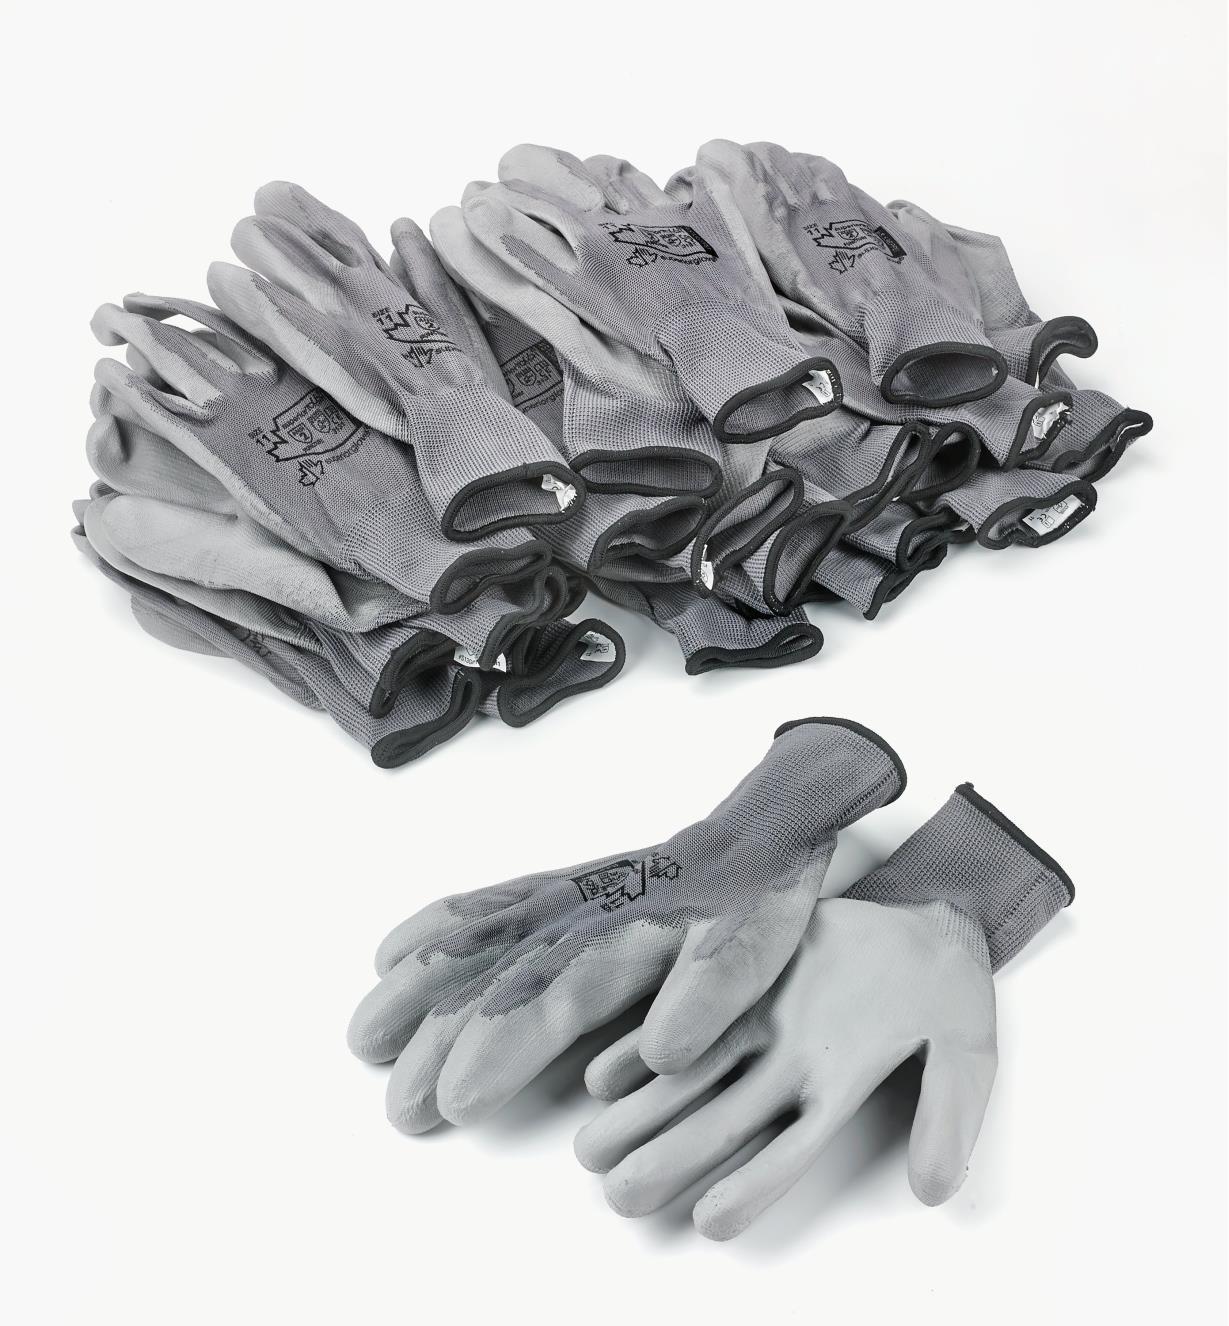 99W8688 - Gants de travail légers, grand (pointure 11), 12 paires